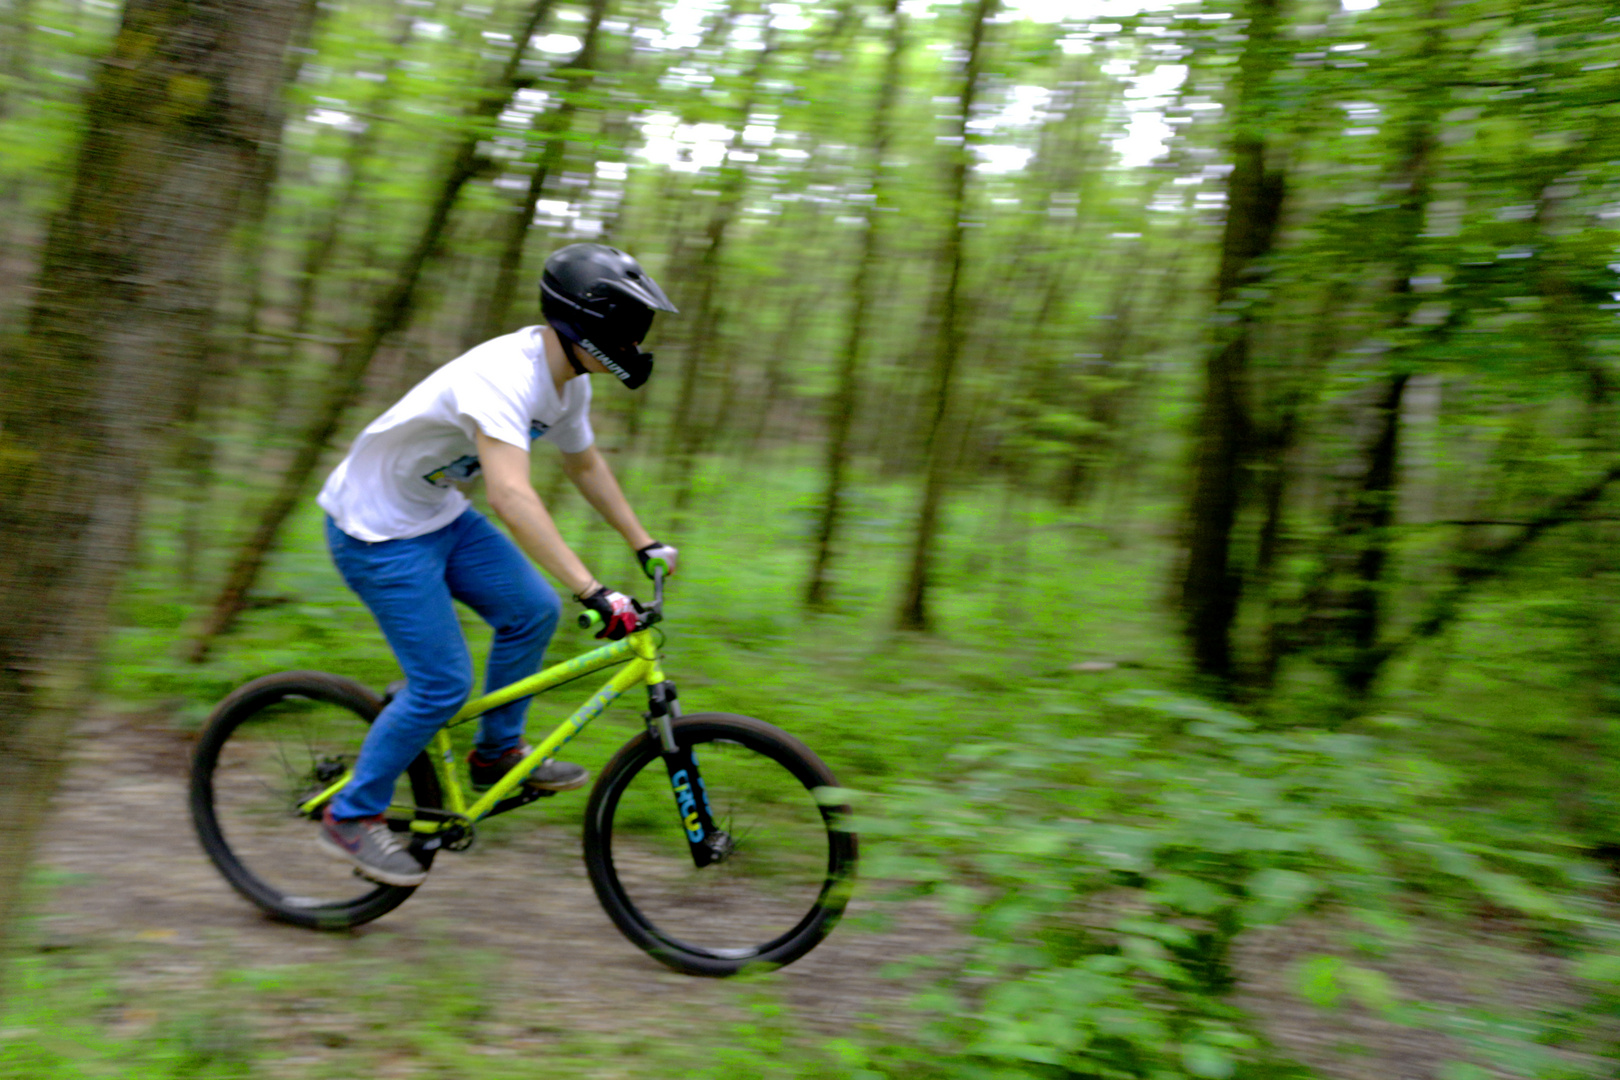 Mit Mountainbike durch den Wald